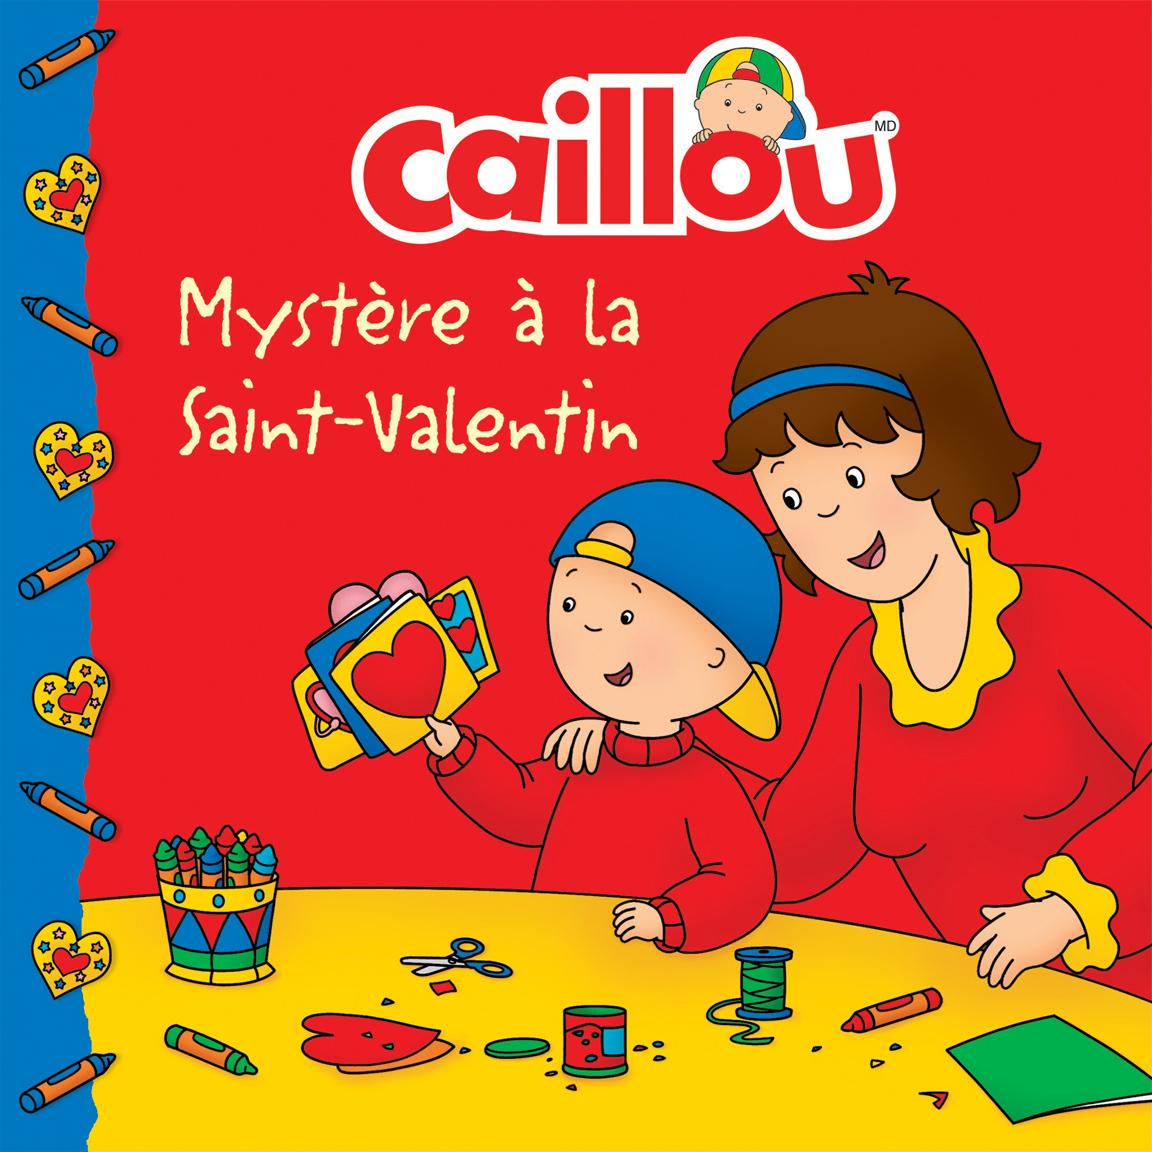 Caillou, Mystère à la Saint-Valentin